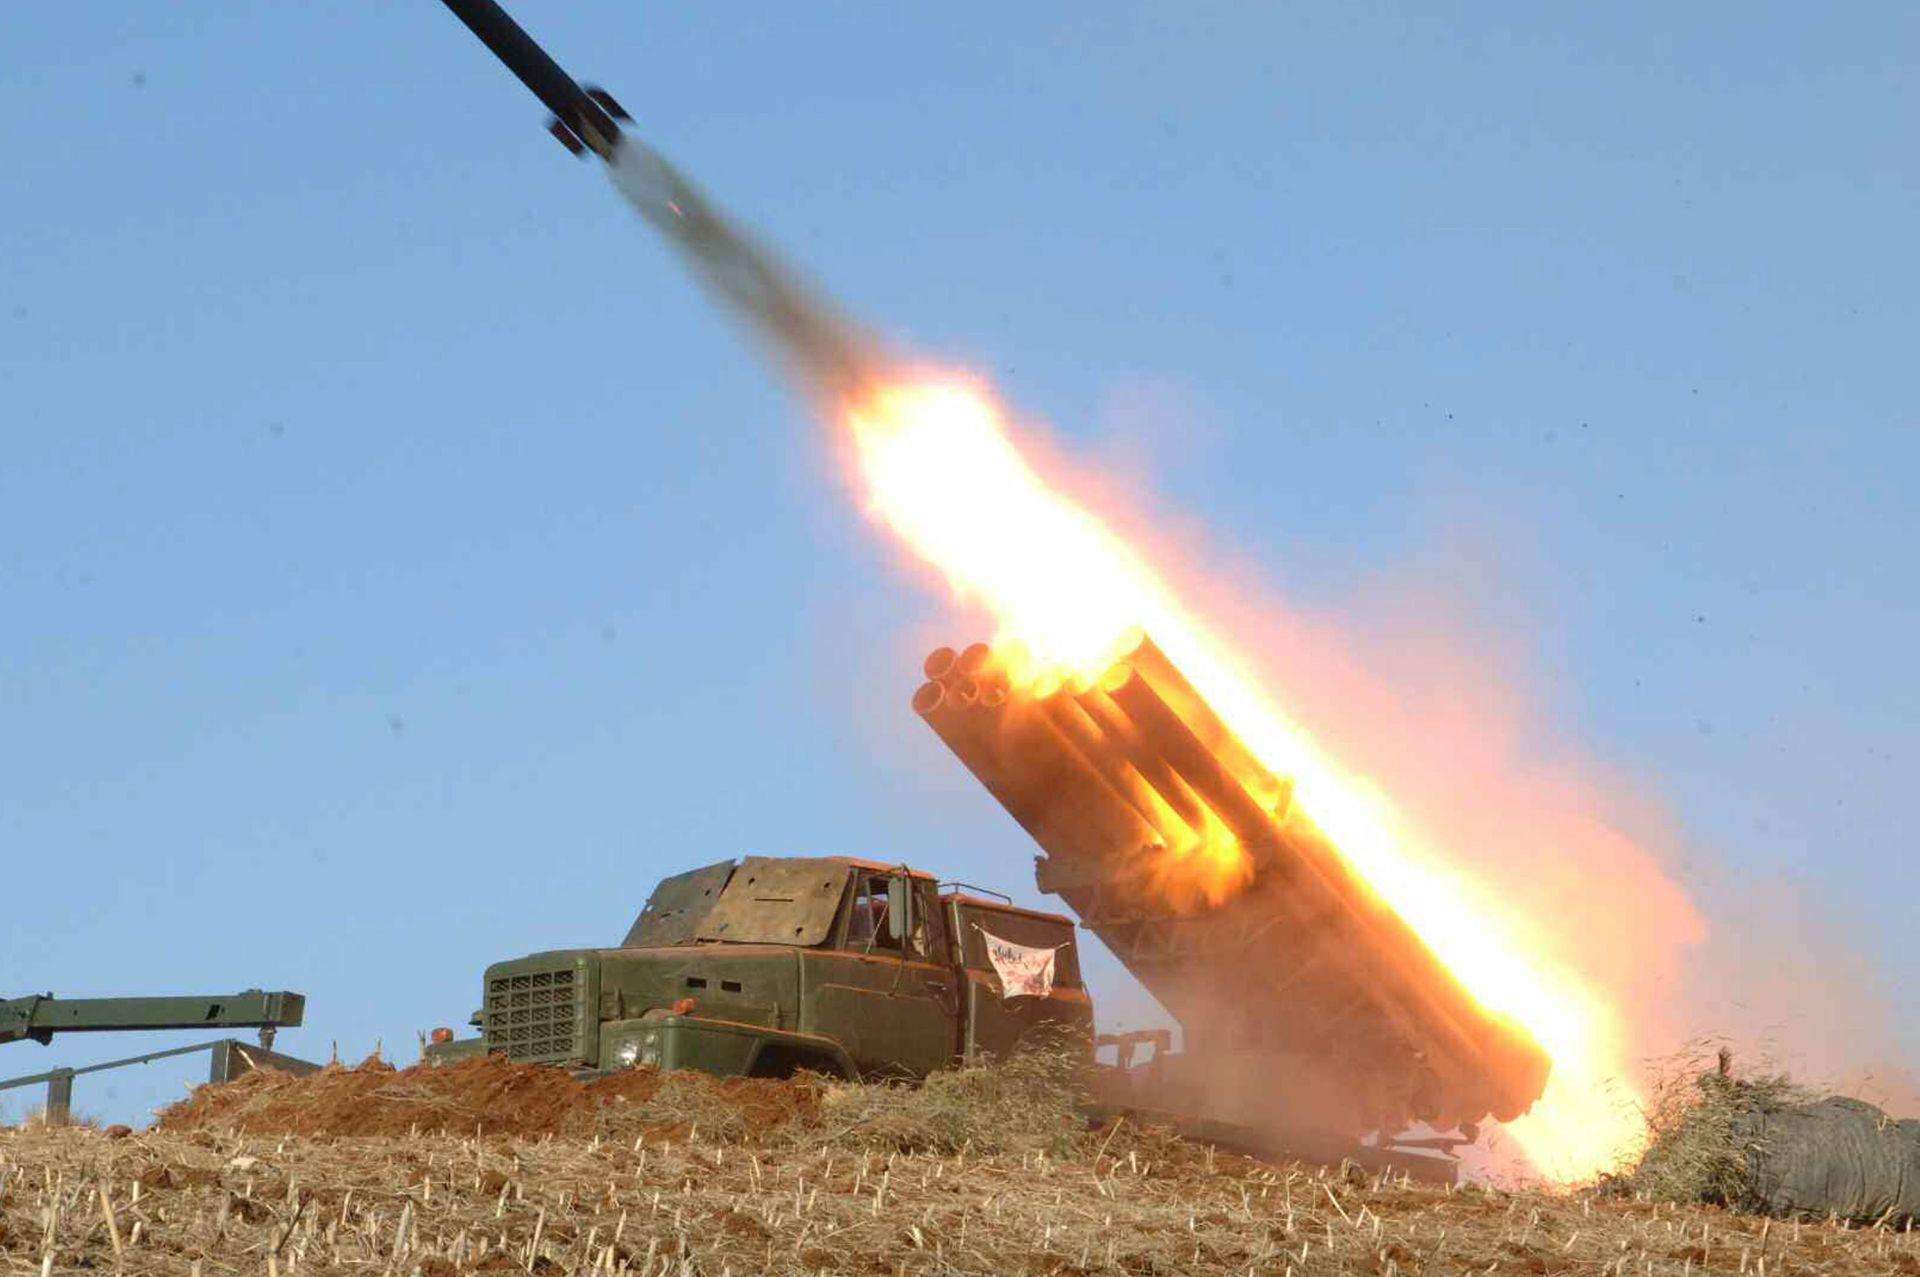 NAKON REZOLUCIJE: Sjeverna Koreja ispalila projektile kratkog dometa u Japansko more